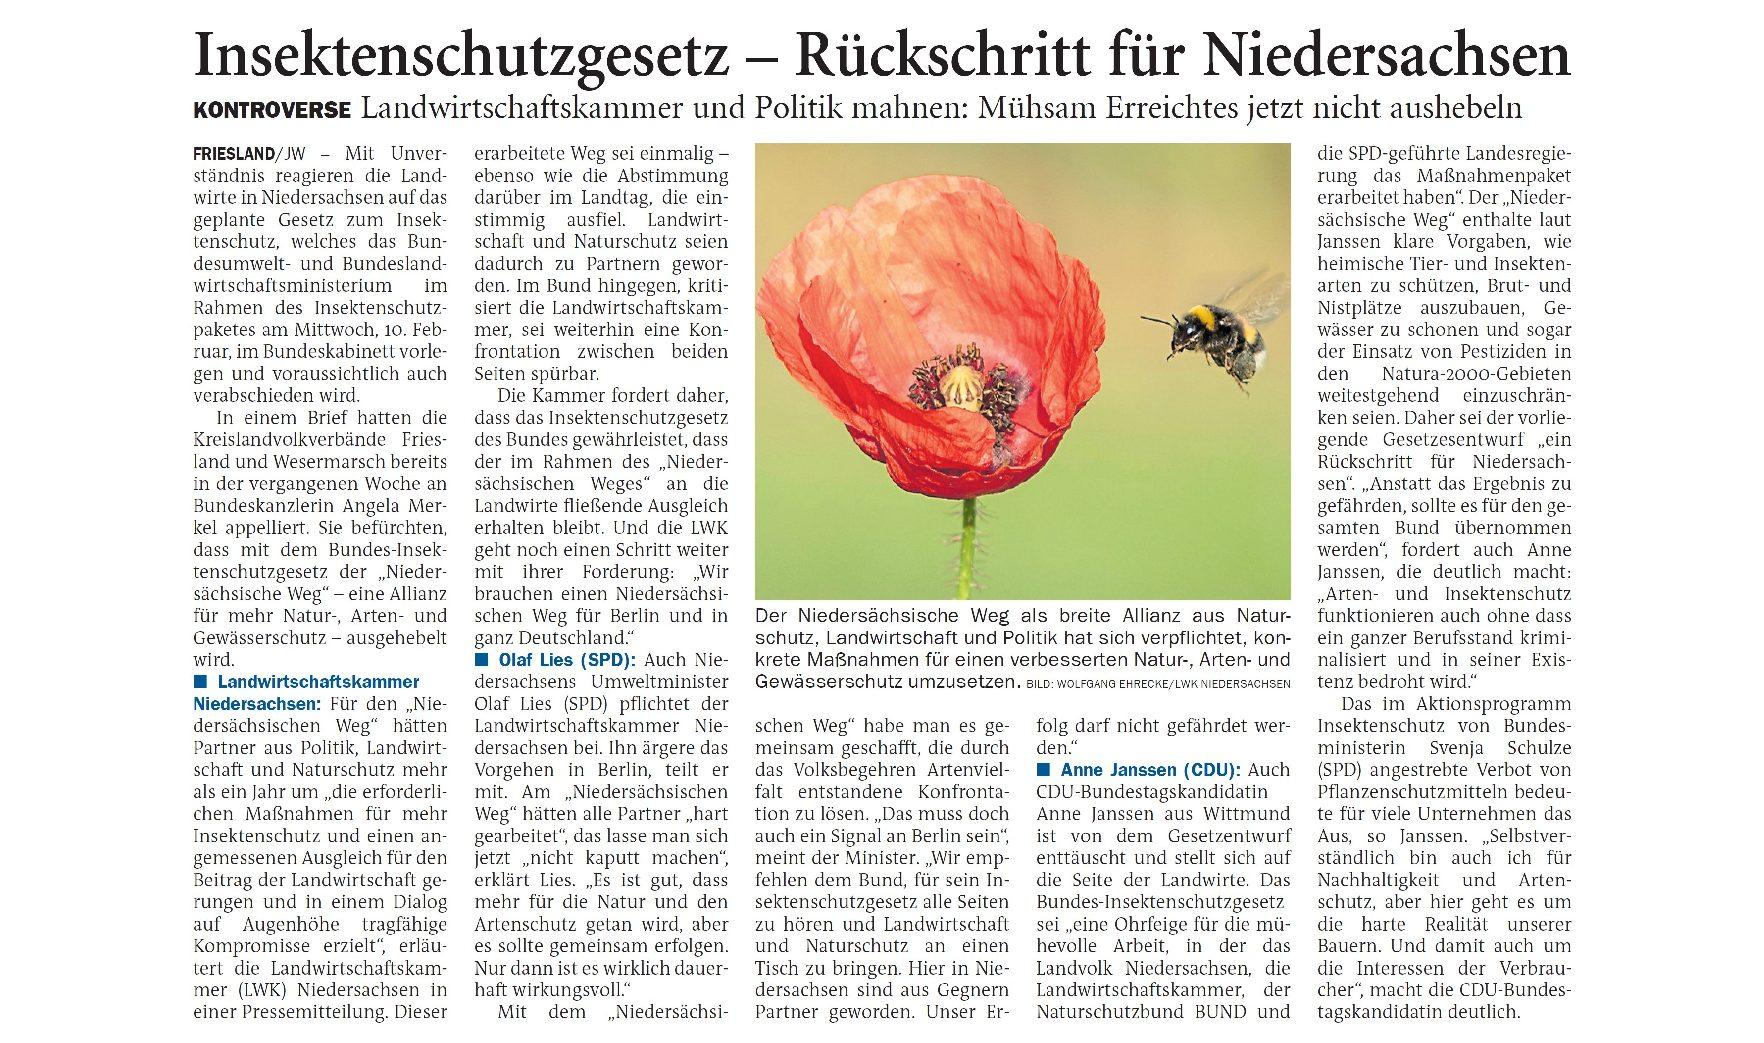 Jeversches Wochenblatt 08.02.2021 II